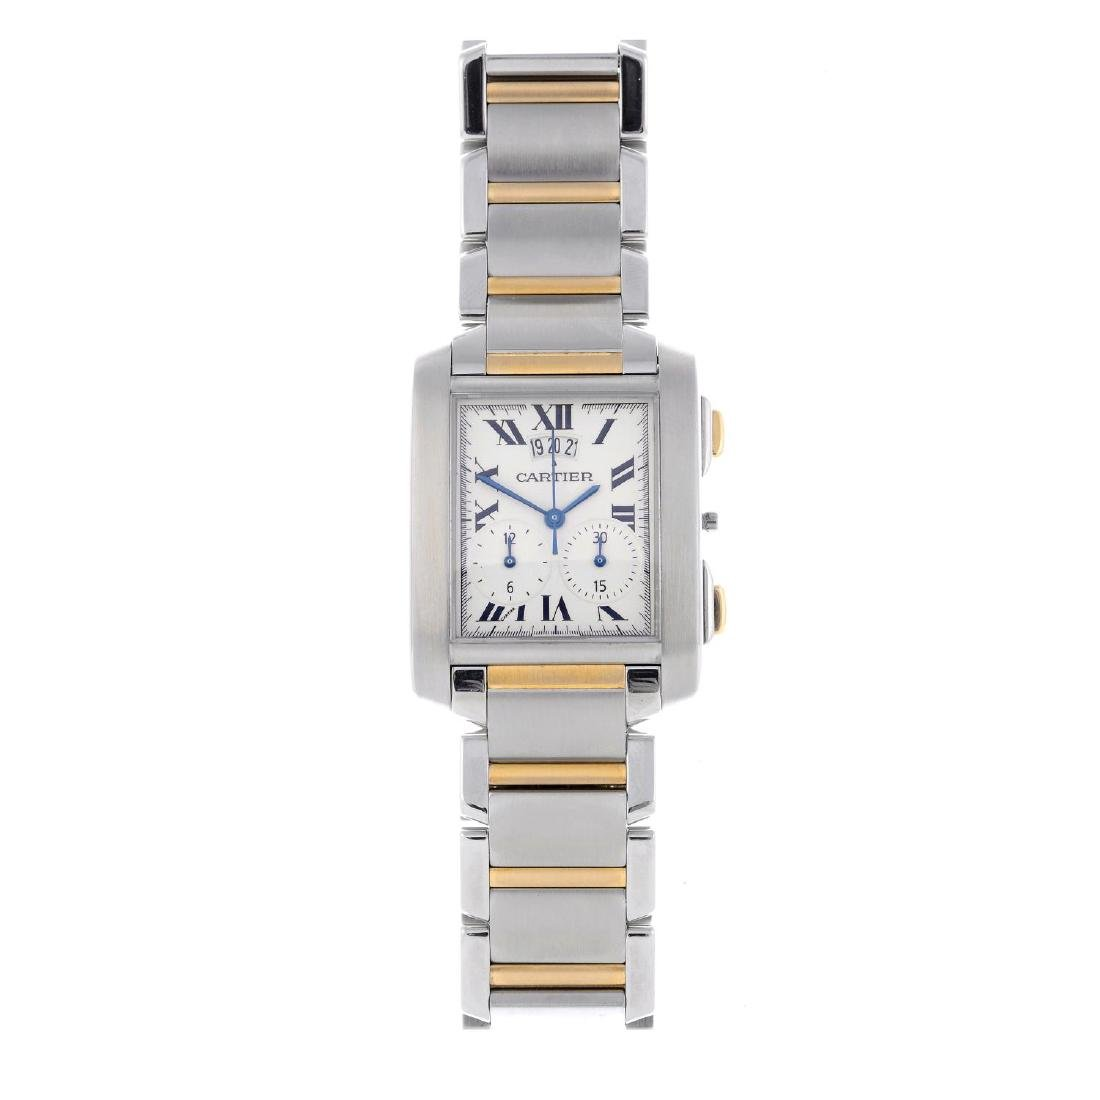 CARTIER - a Tank Francaise chronograph bracelet watch.